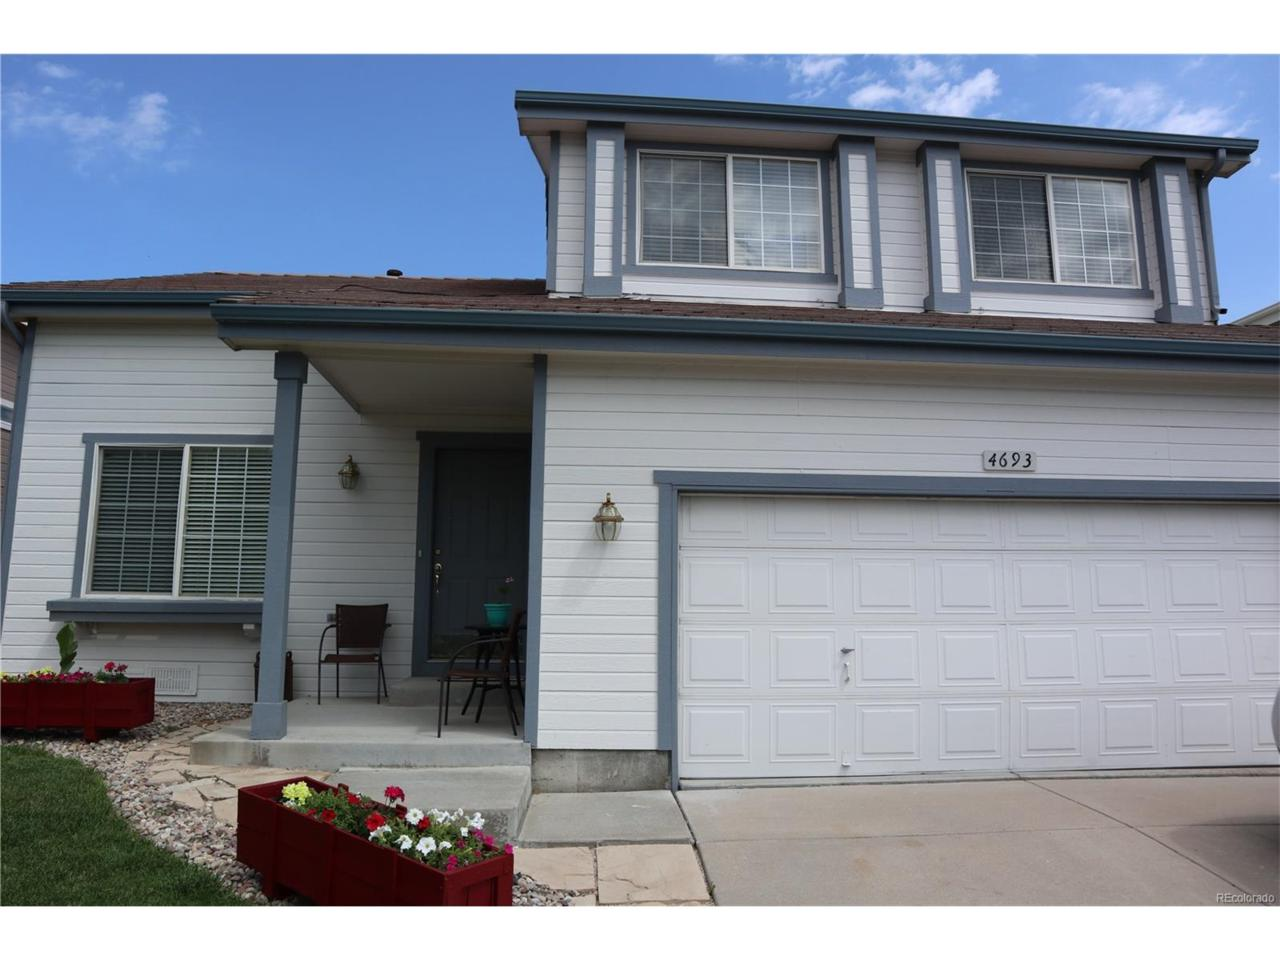 4693 Fenwood Drive, Highlands Ranch, CO 80130 (MLS #1765784) :: 8z Real Estate